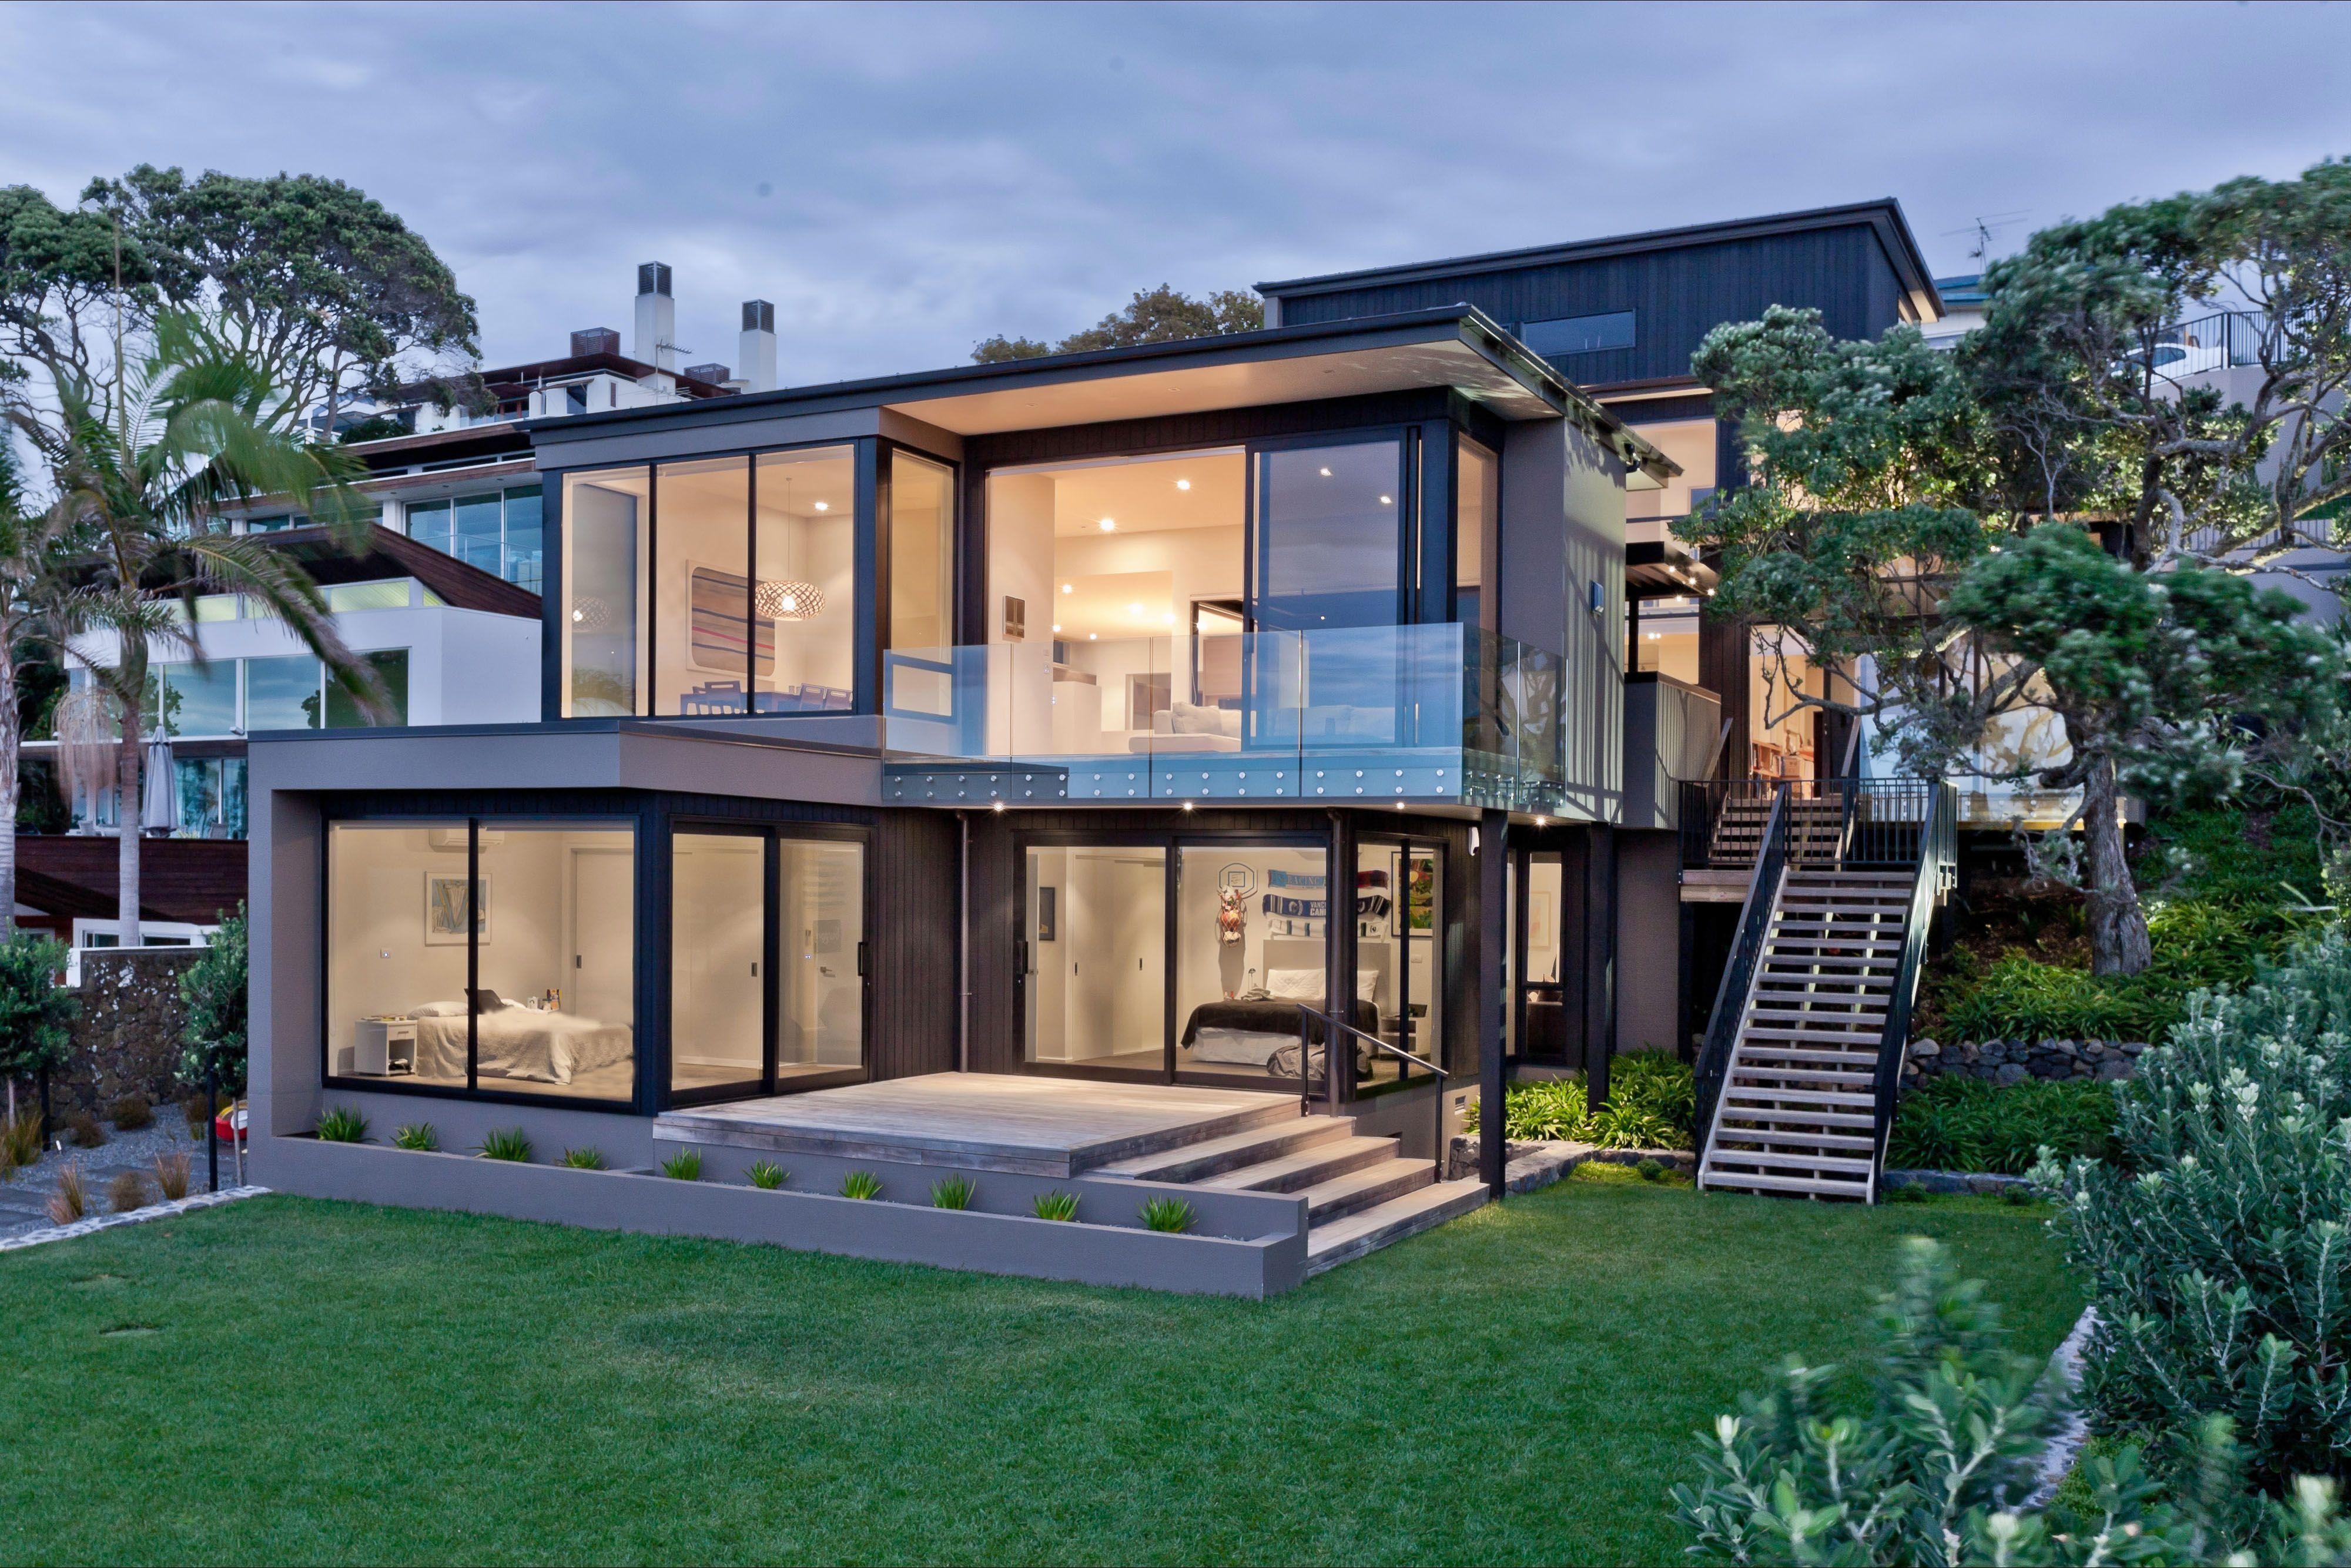 Großartig Design Haus Residence Song Von Atelierii Bilder - Das ...